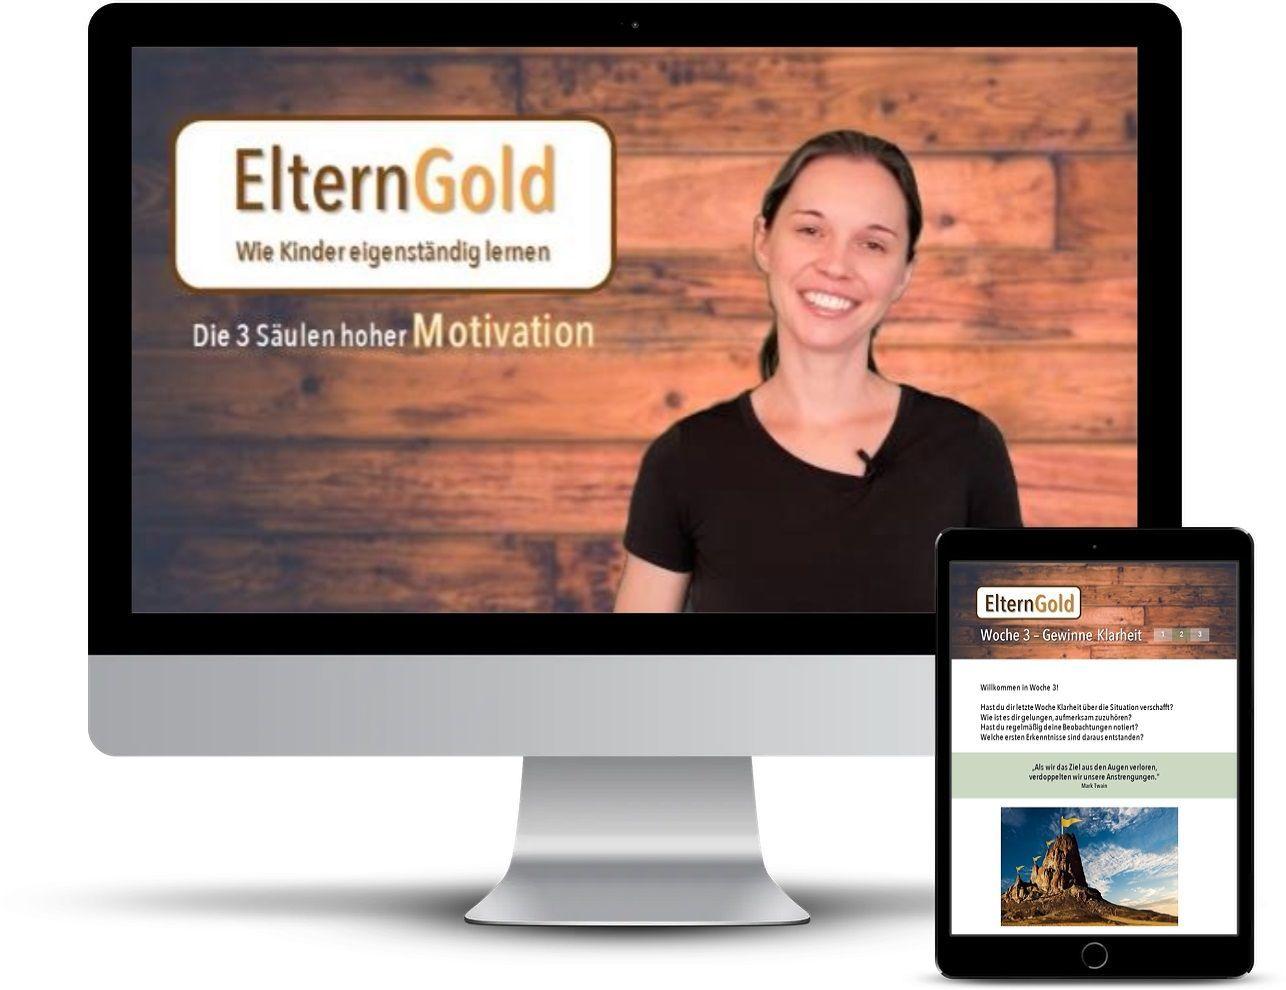 ElternGold – Wie Kinder eigenständig lernen – online Die 3 Säulen hoher Motivation